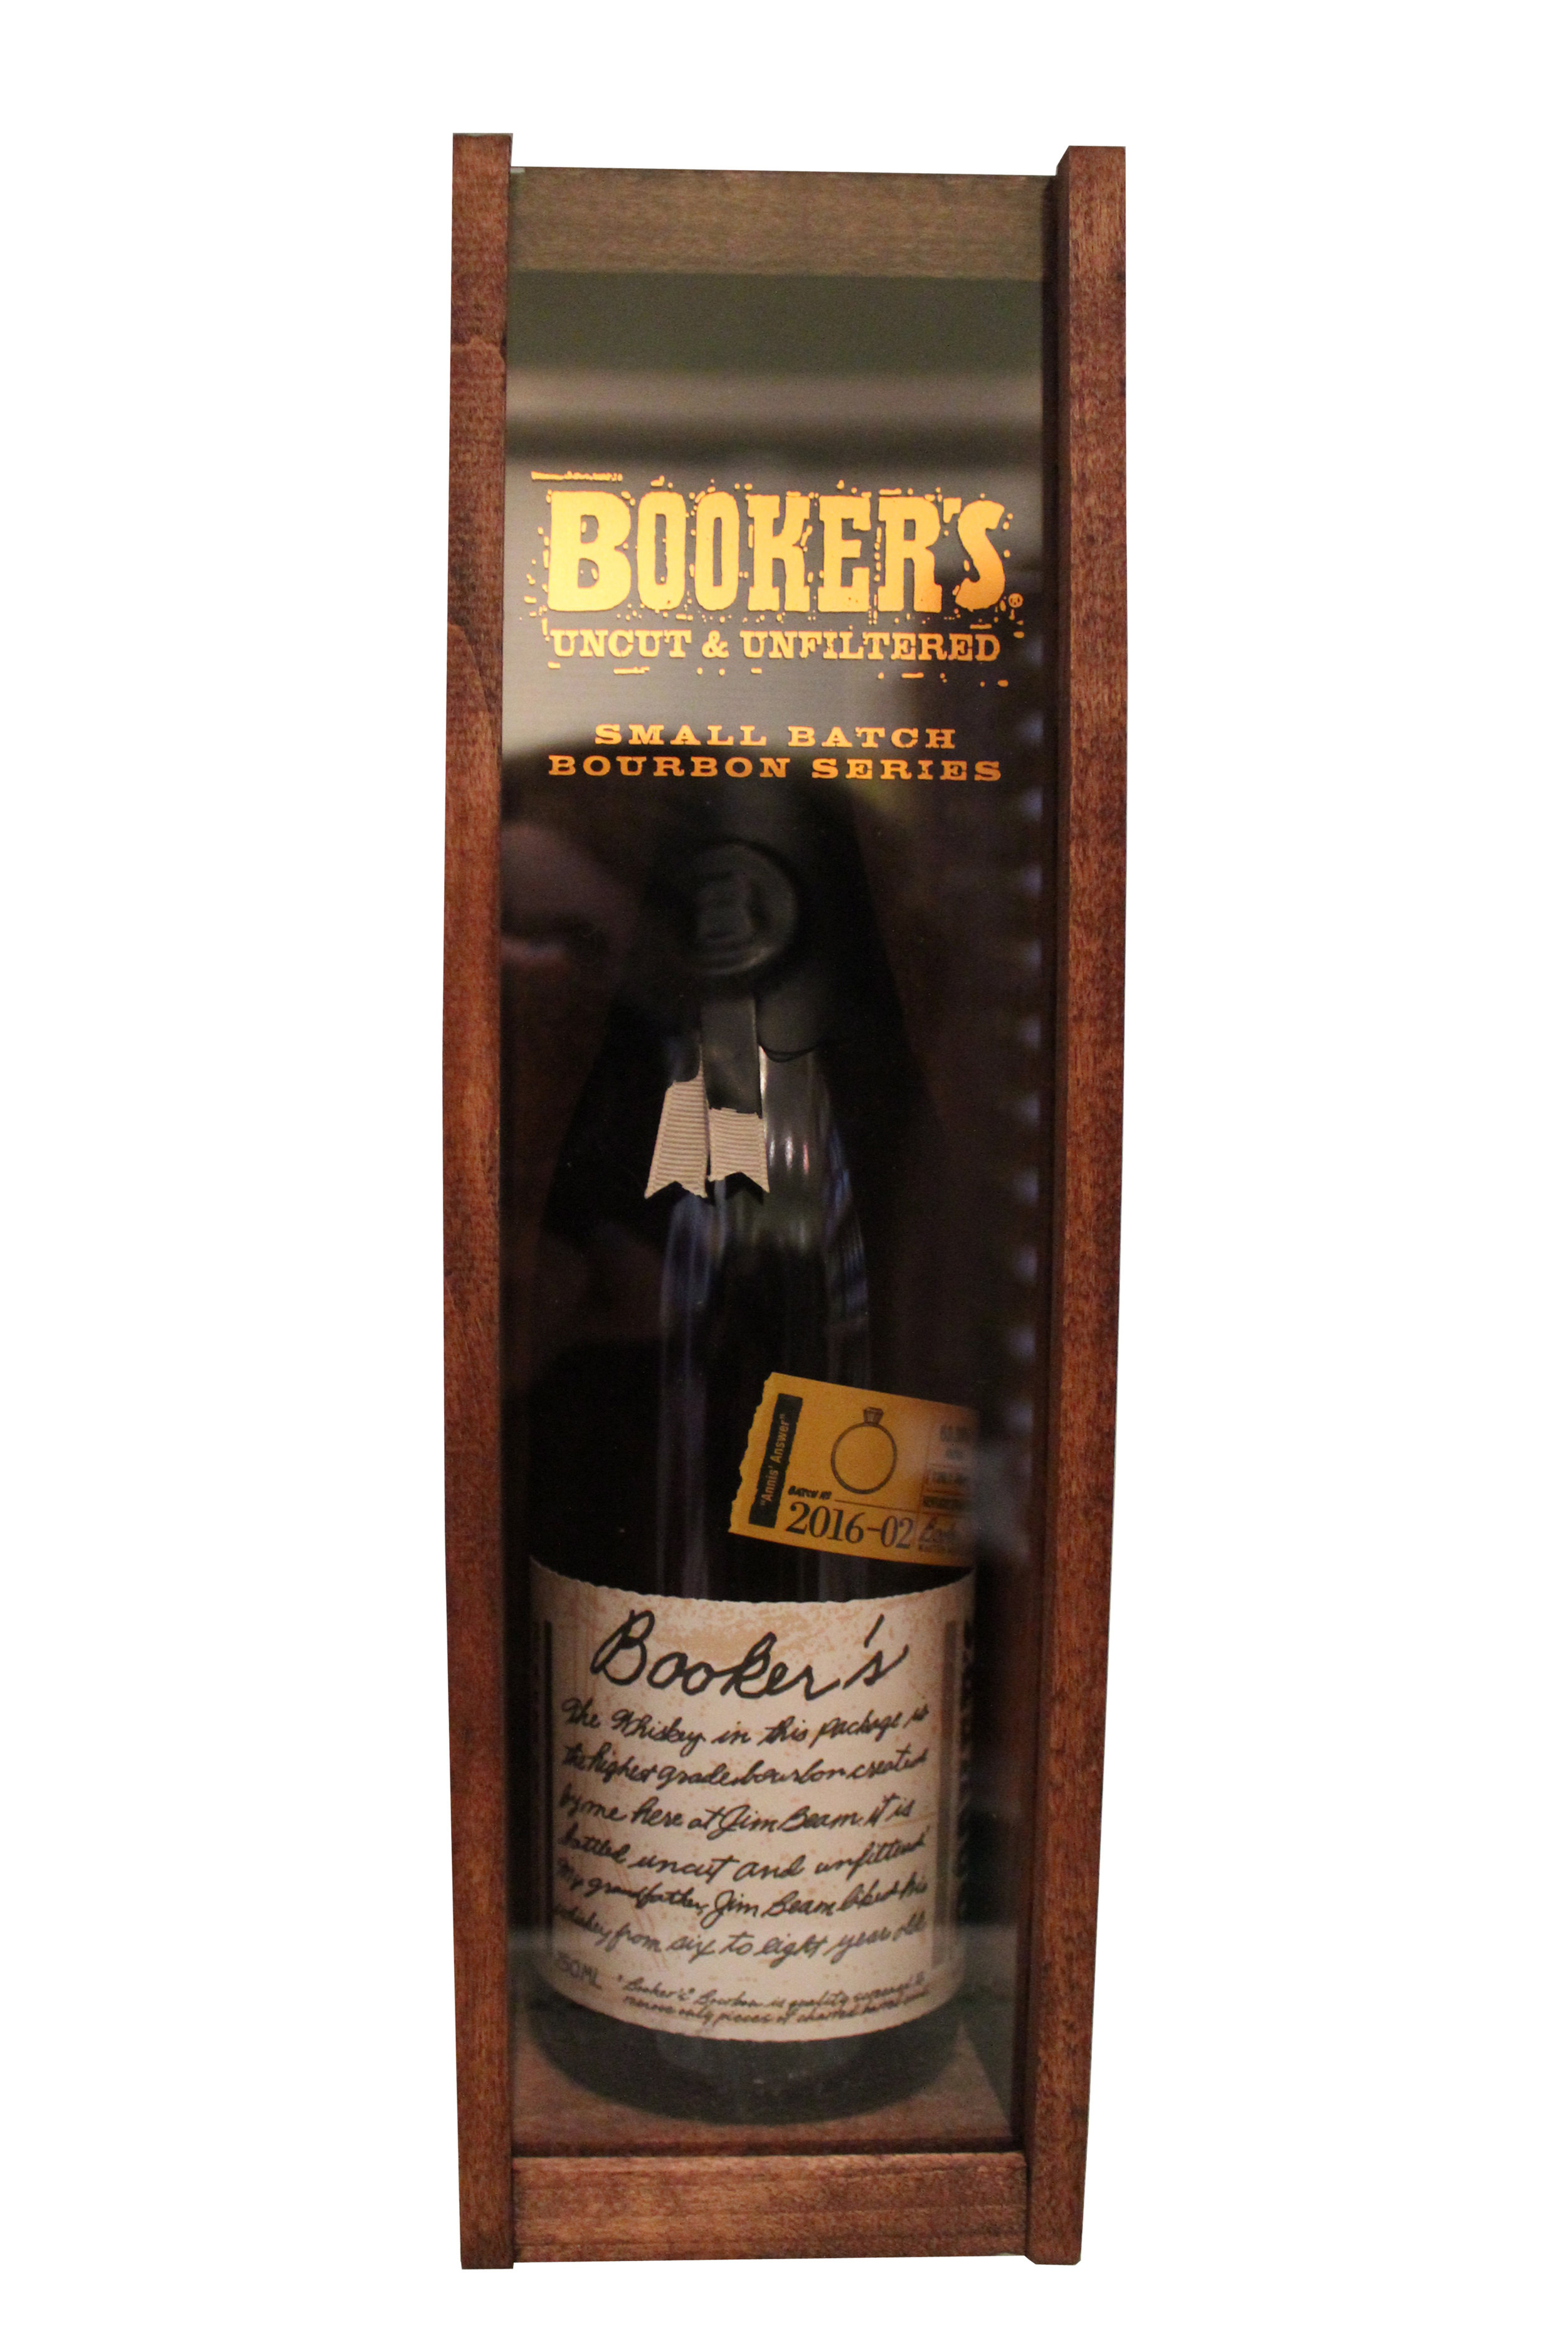 Small-Batch Bourbon  Booker's, Kentucky